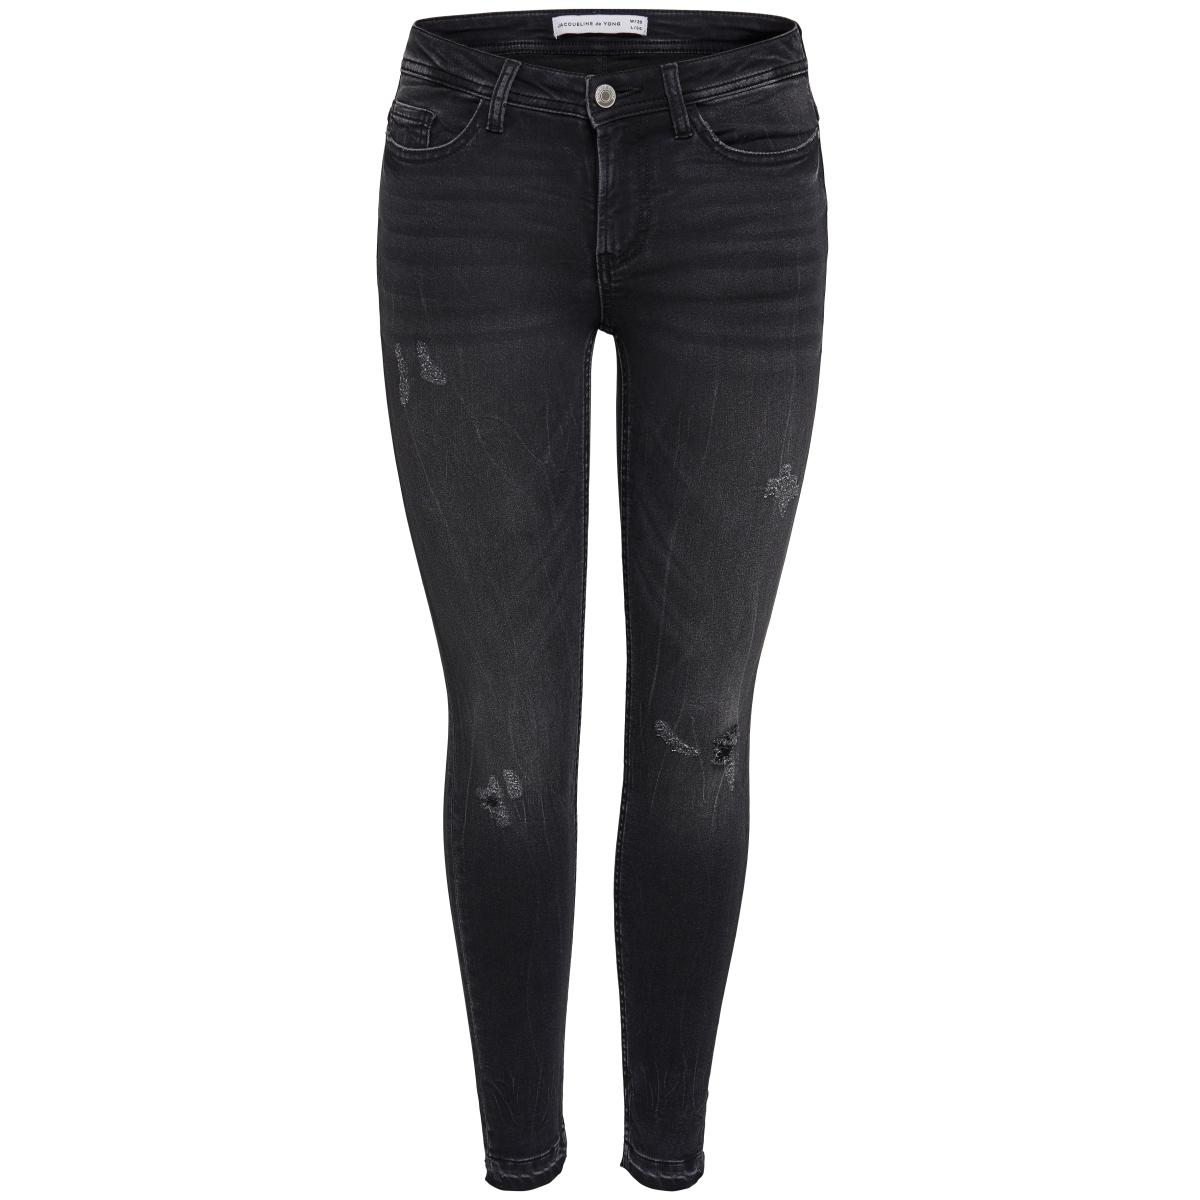 jdyskinny reg.jake ankl g jeans dnm 15140337 jacqueline de yong jeans dark grey denim